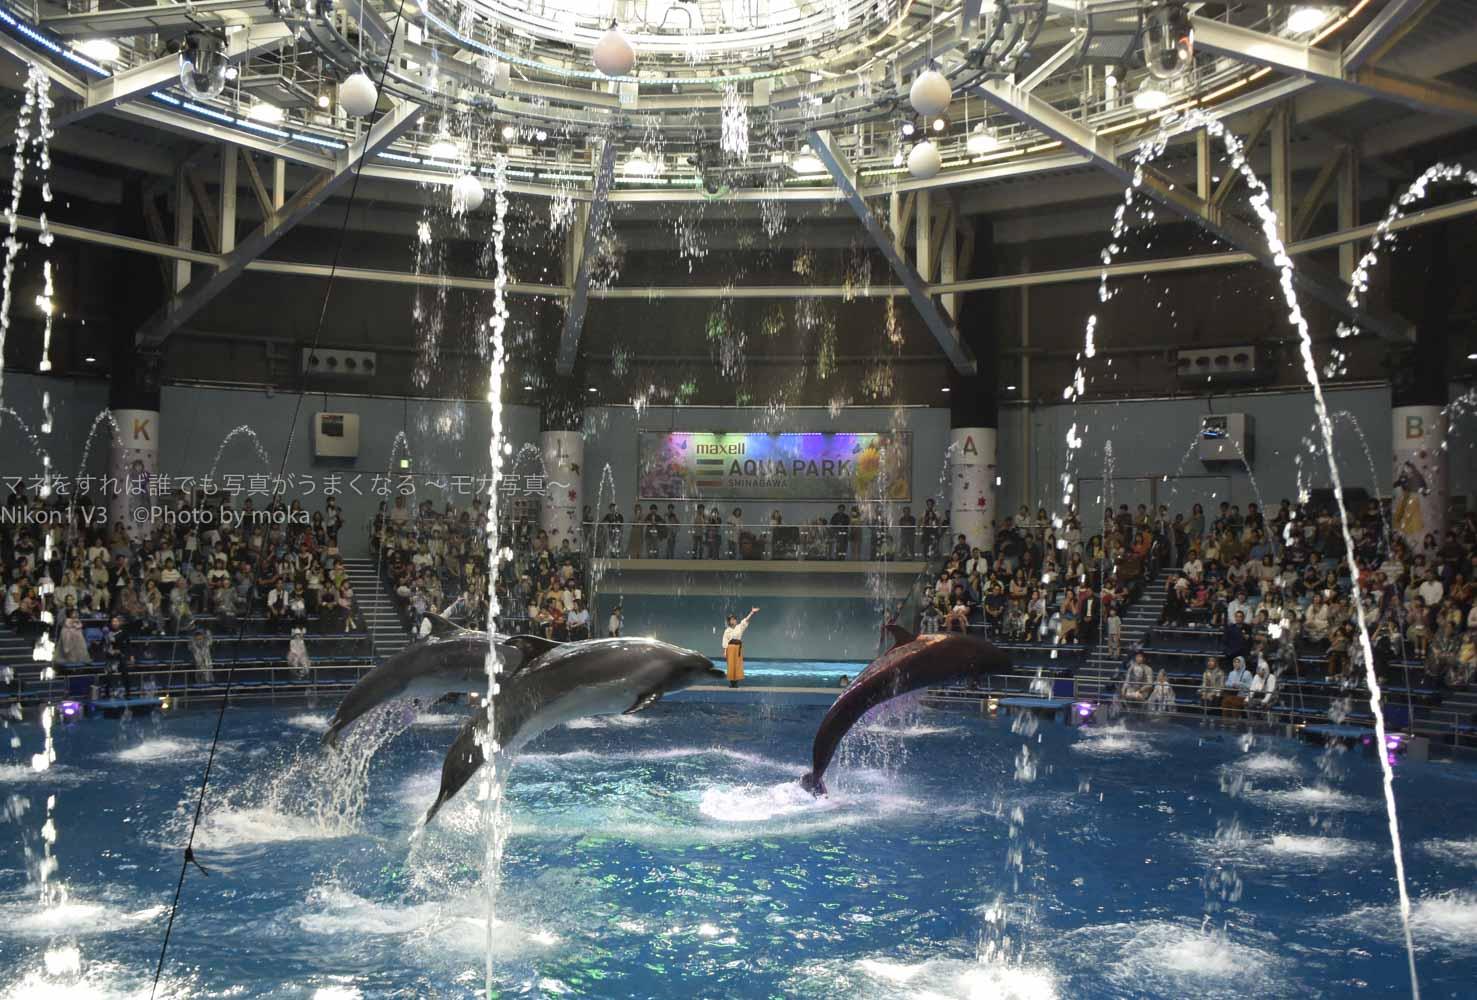 [6]東京の水族館でイルカショーを写真に撮ろう!